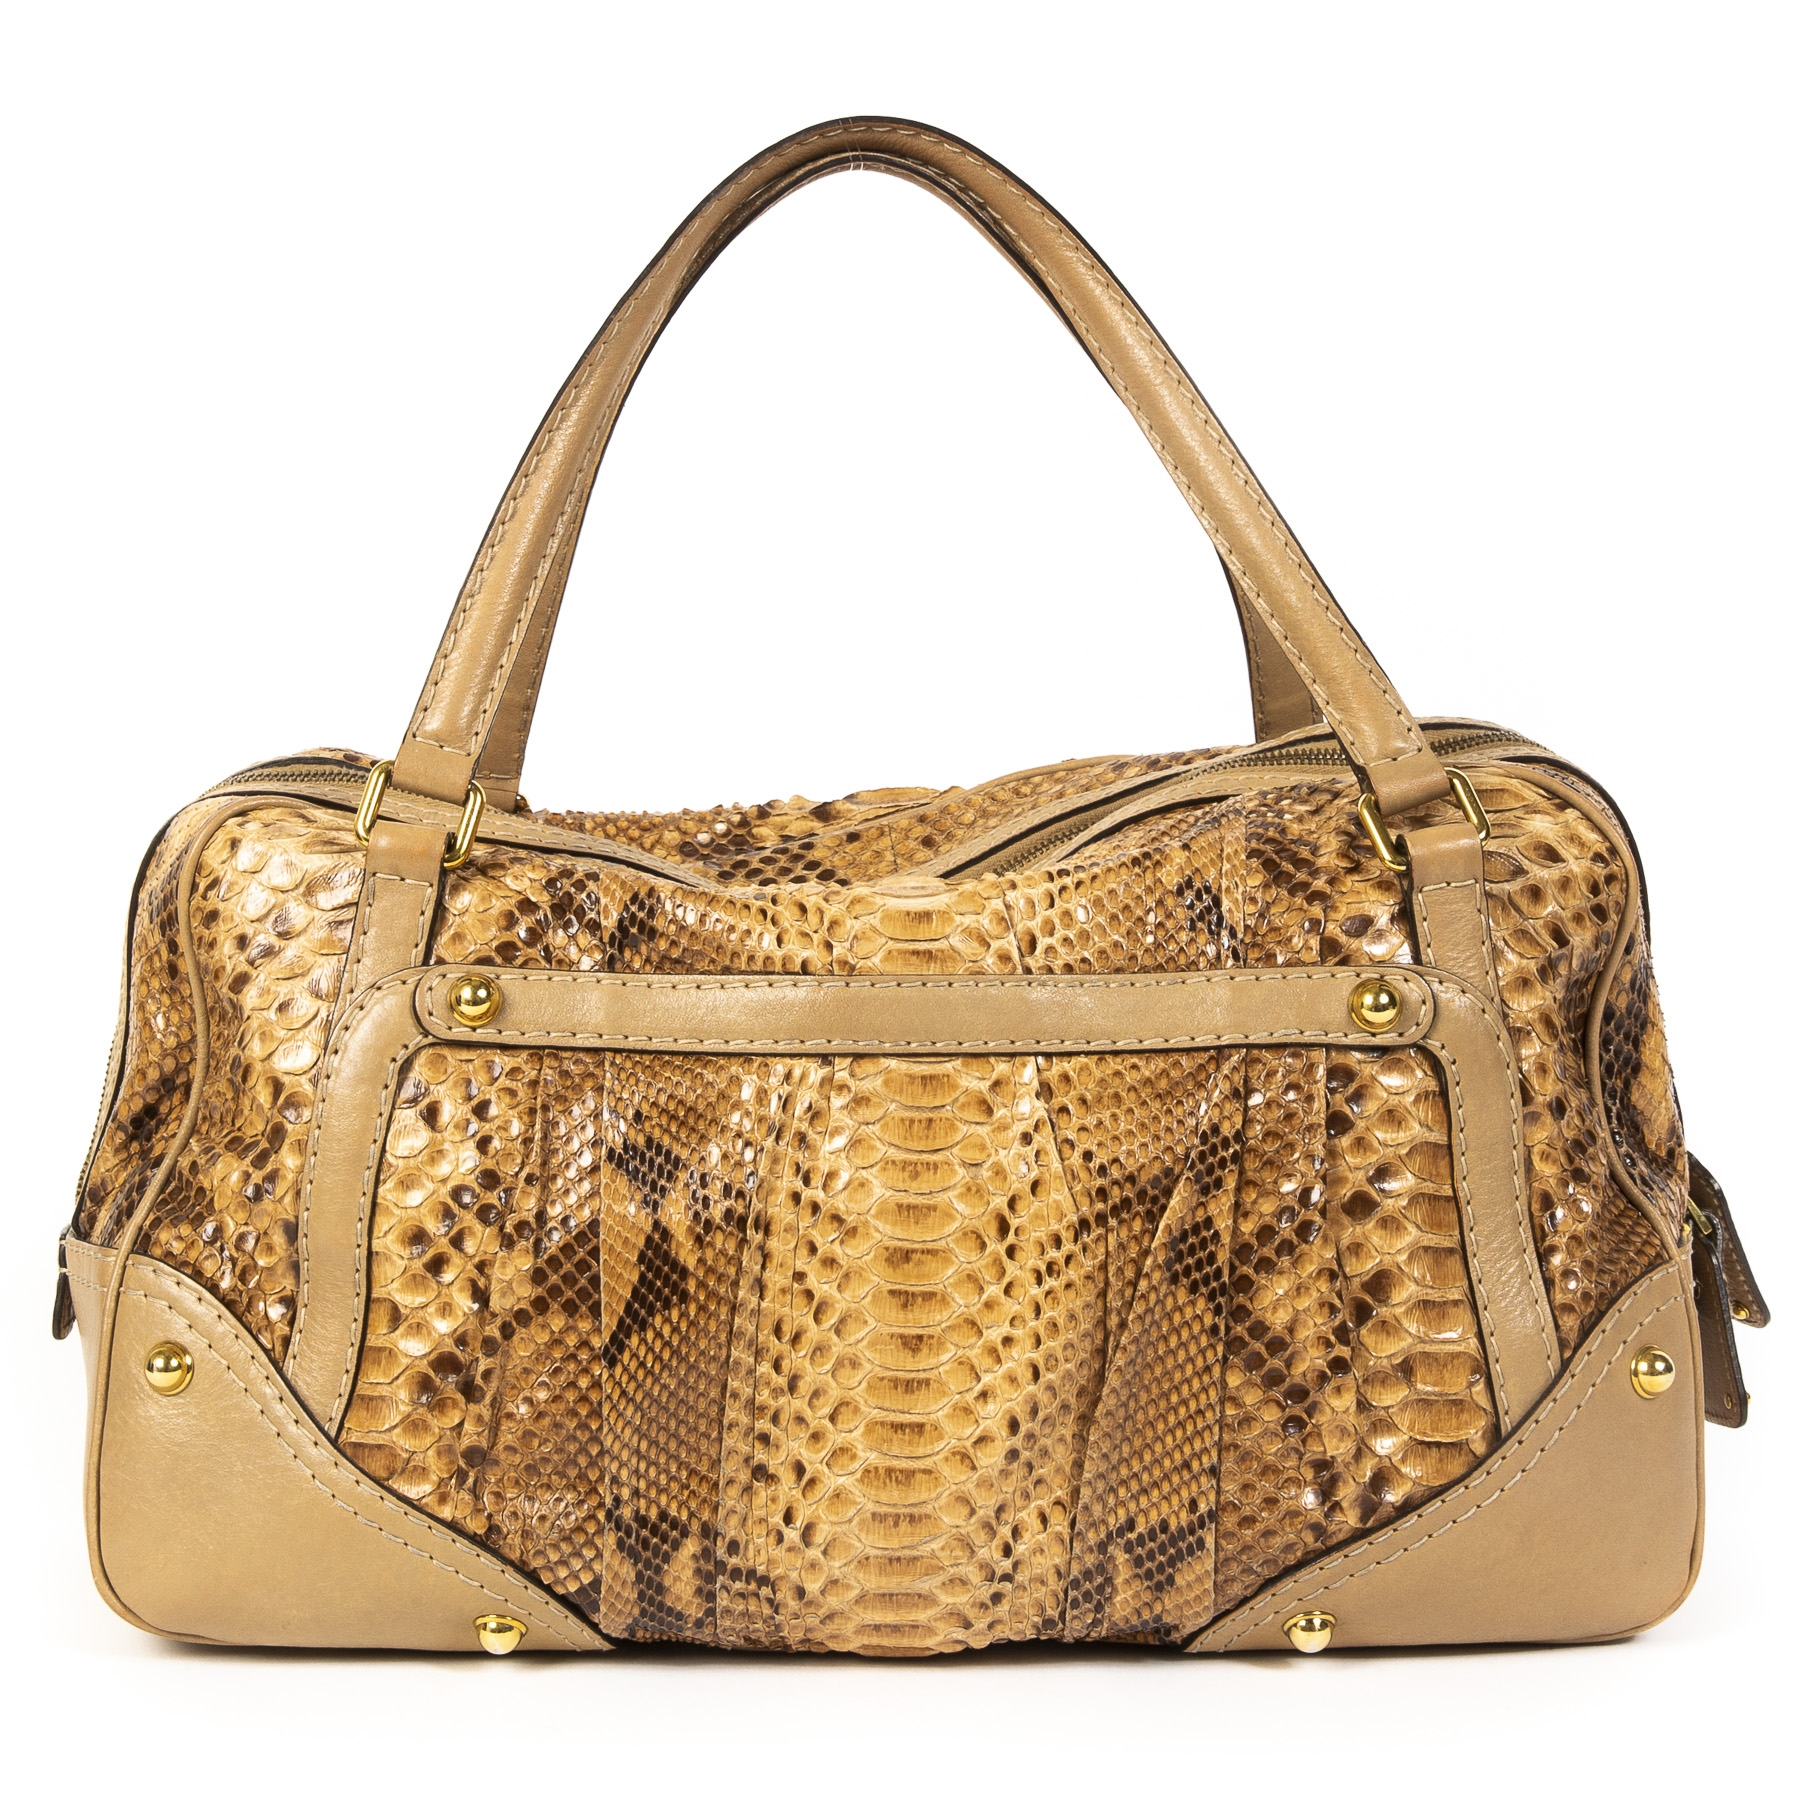 koop veilig online tegen de beste prijs Gucci Jockey Boston Bag Python